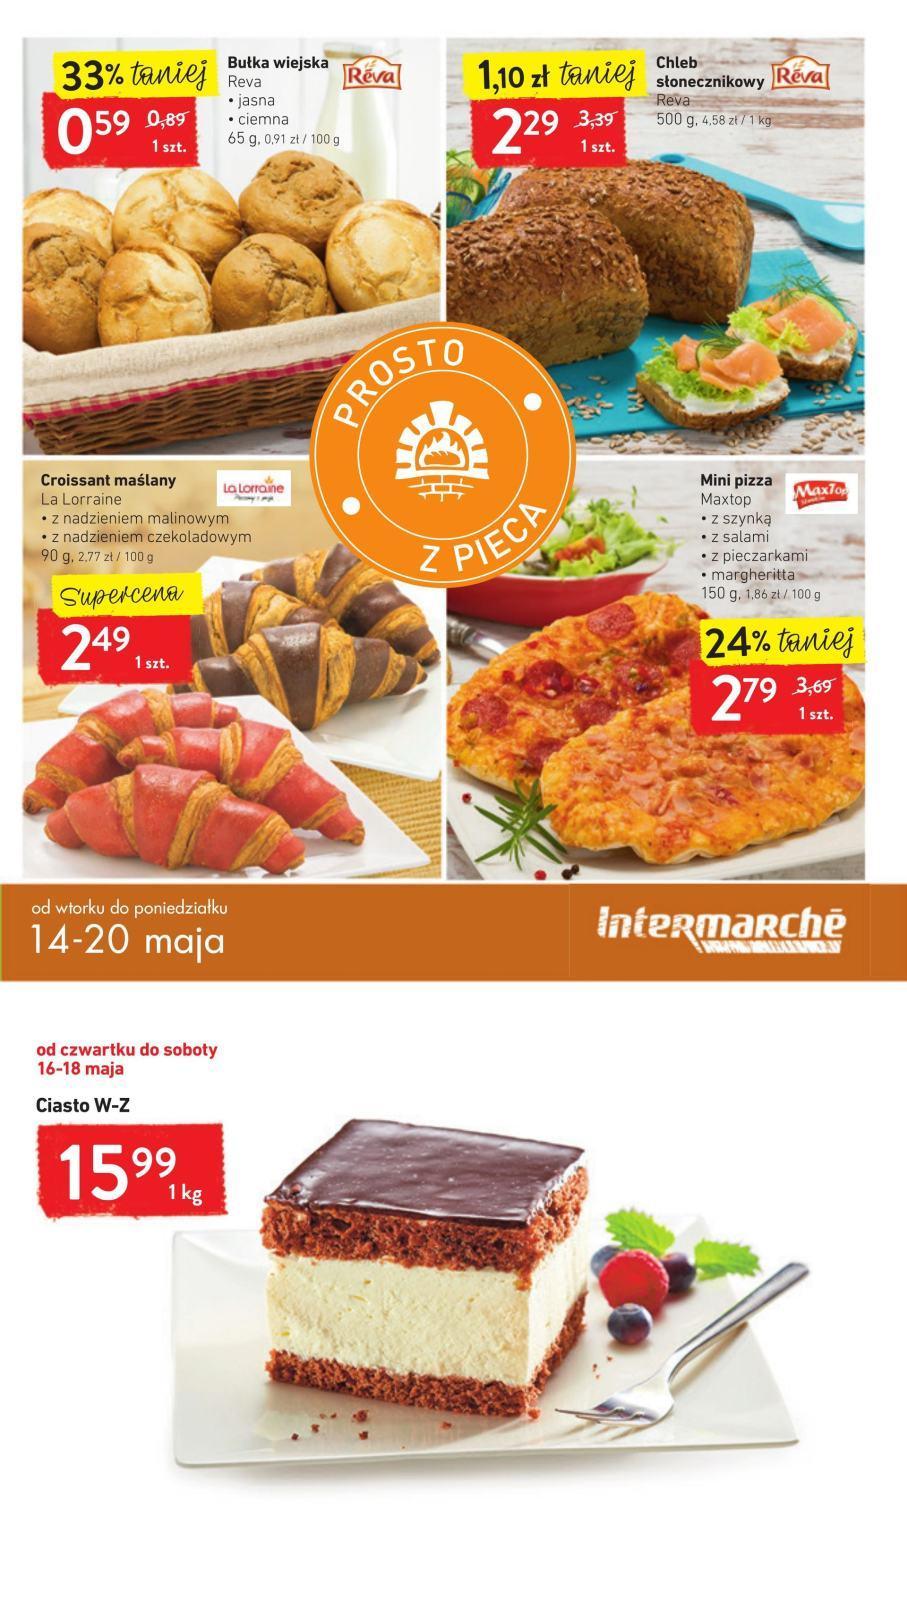 Gazetka promocyjna Intermarche do 20/05/2019 str.4